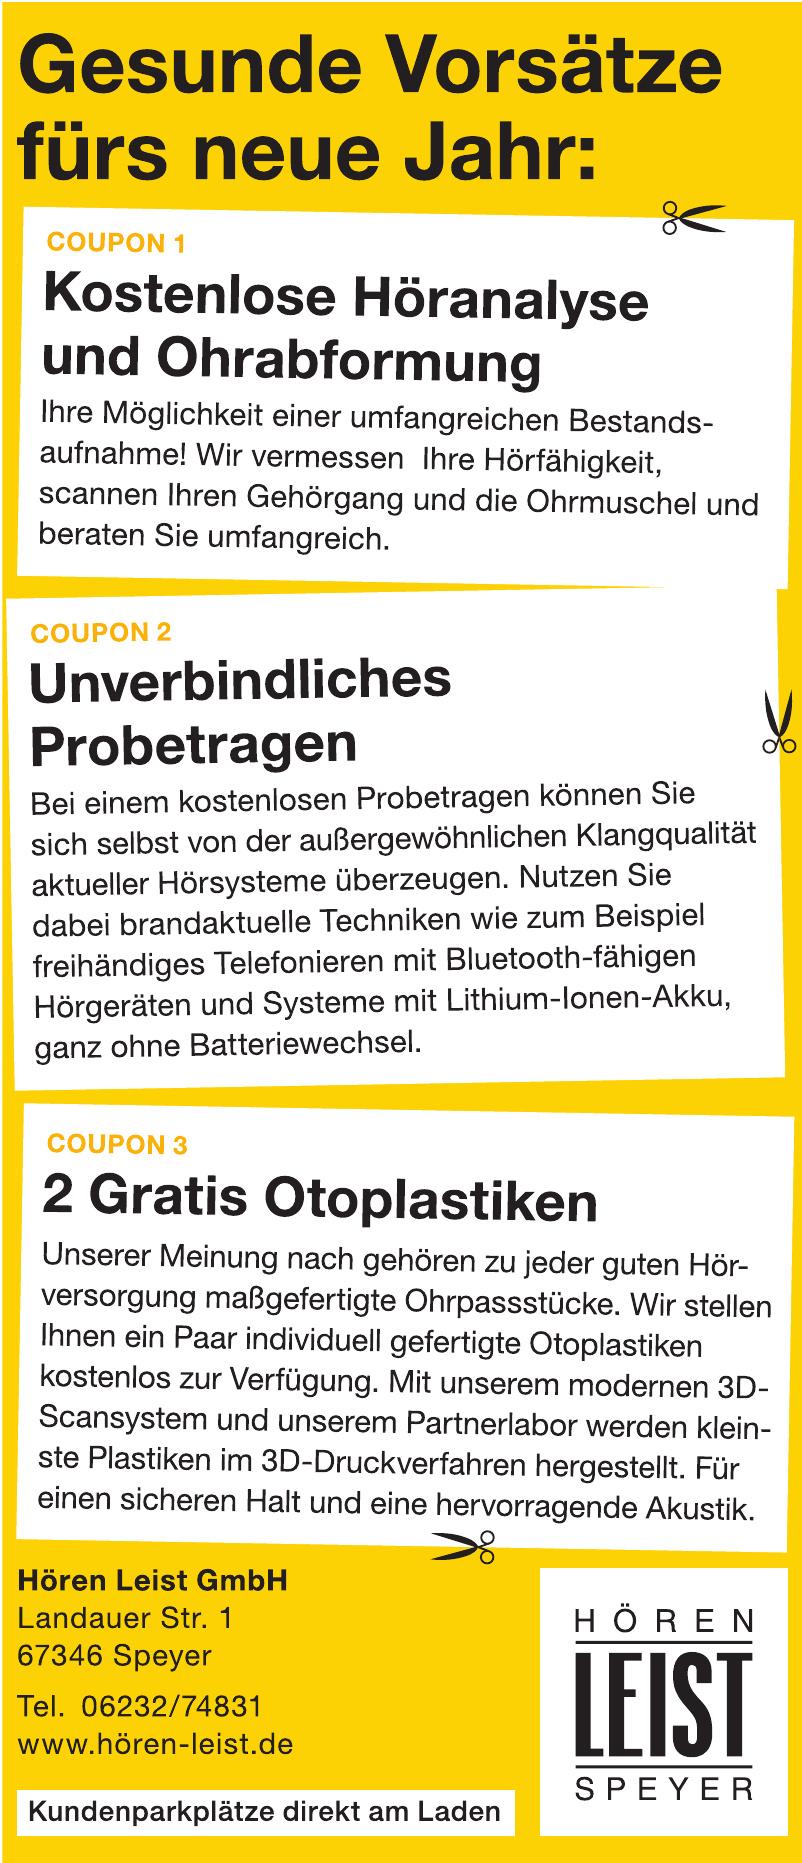 Hören Leist GmbH